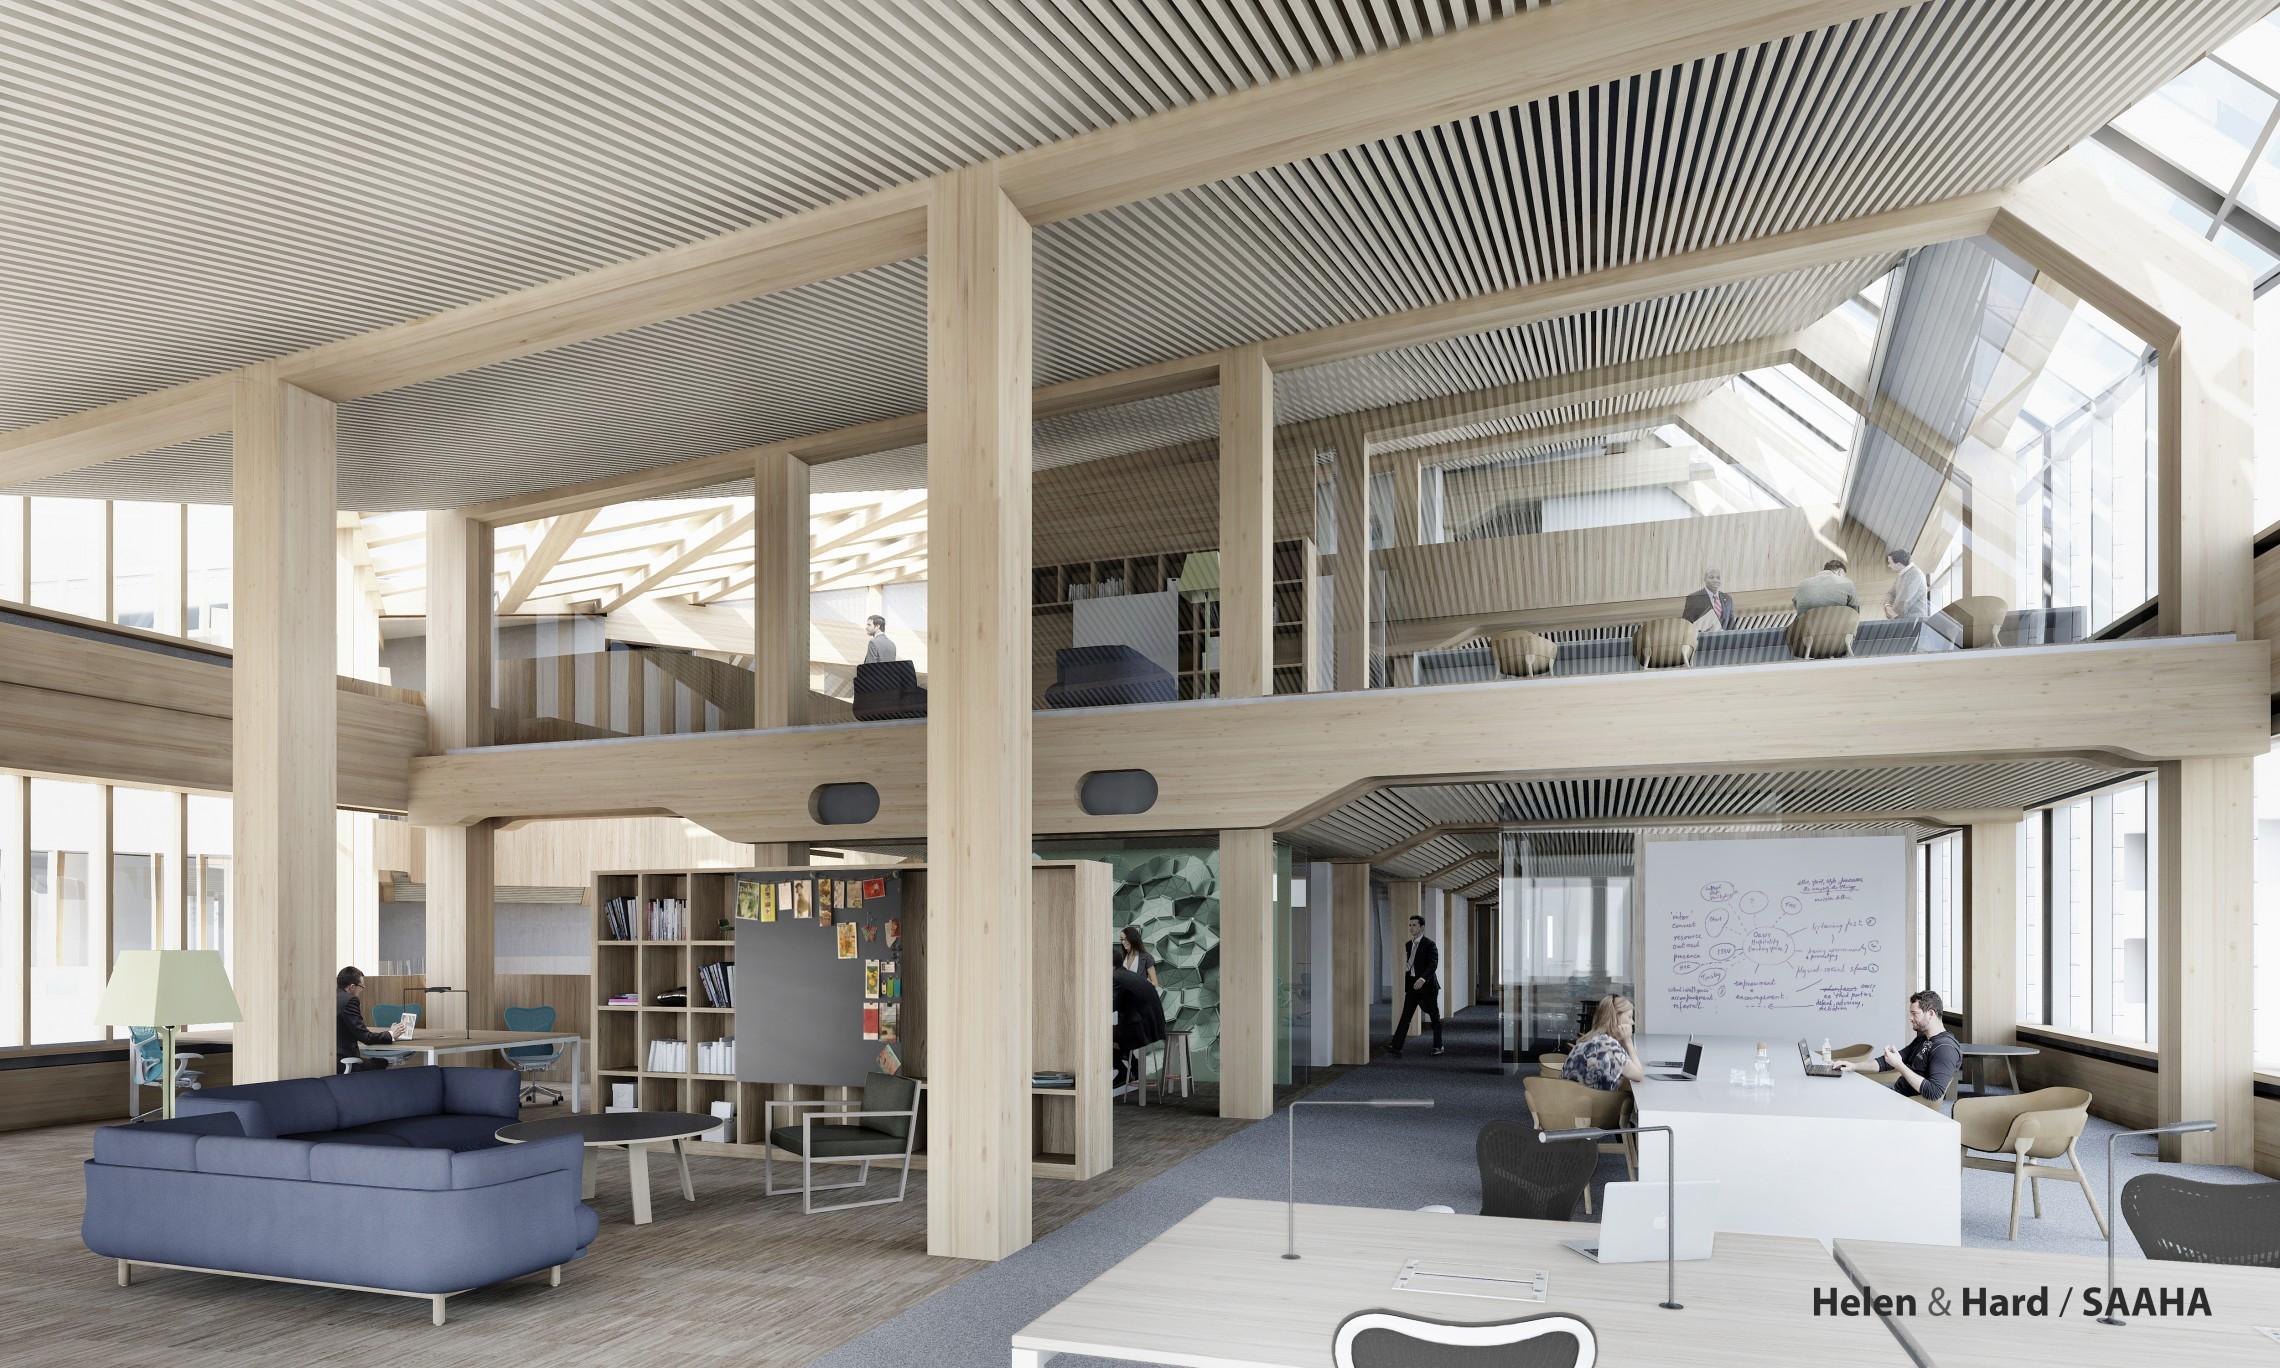 Det skal kun brukes tregjennomføringer i byggets syv etasjer. (Illustrasjon: Helen og Hard)